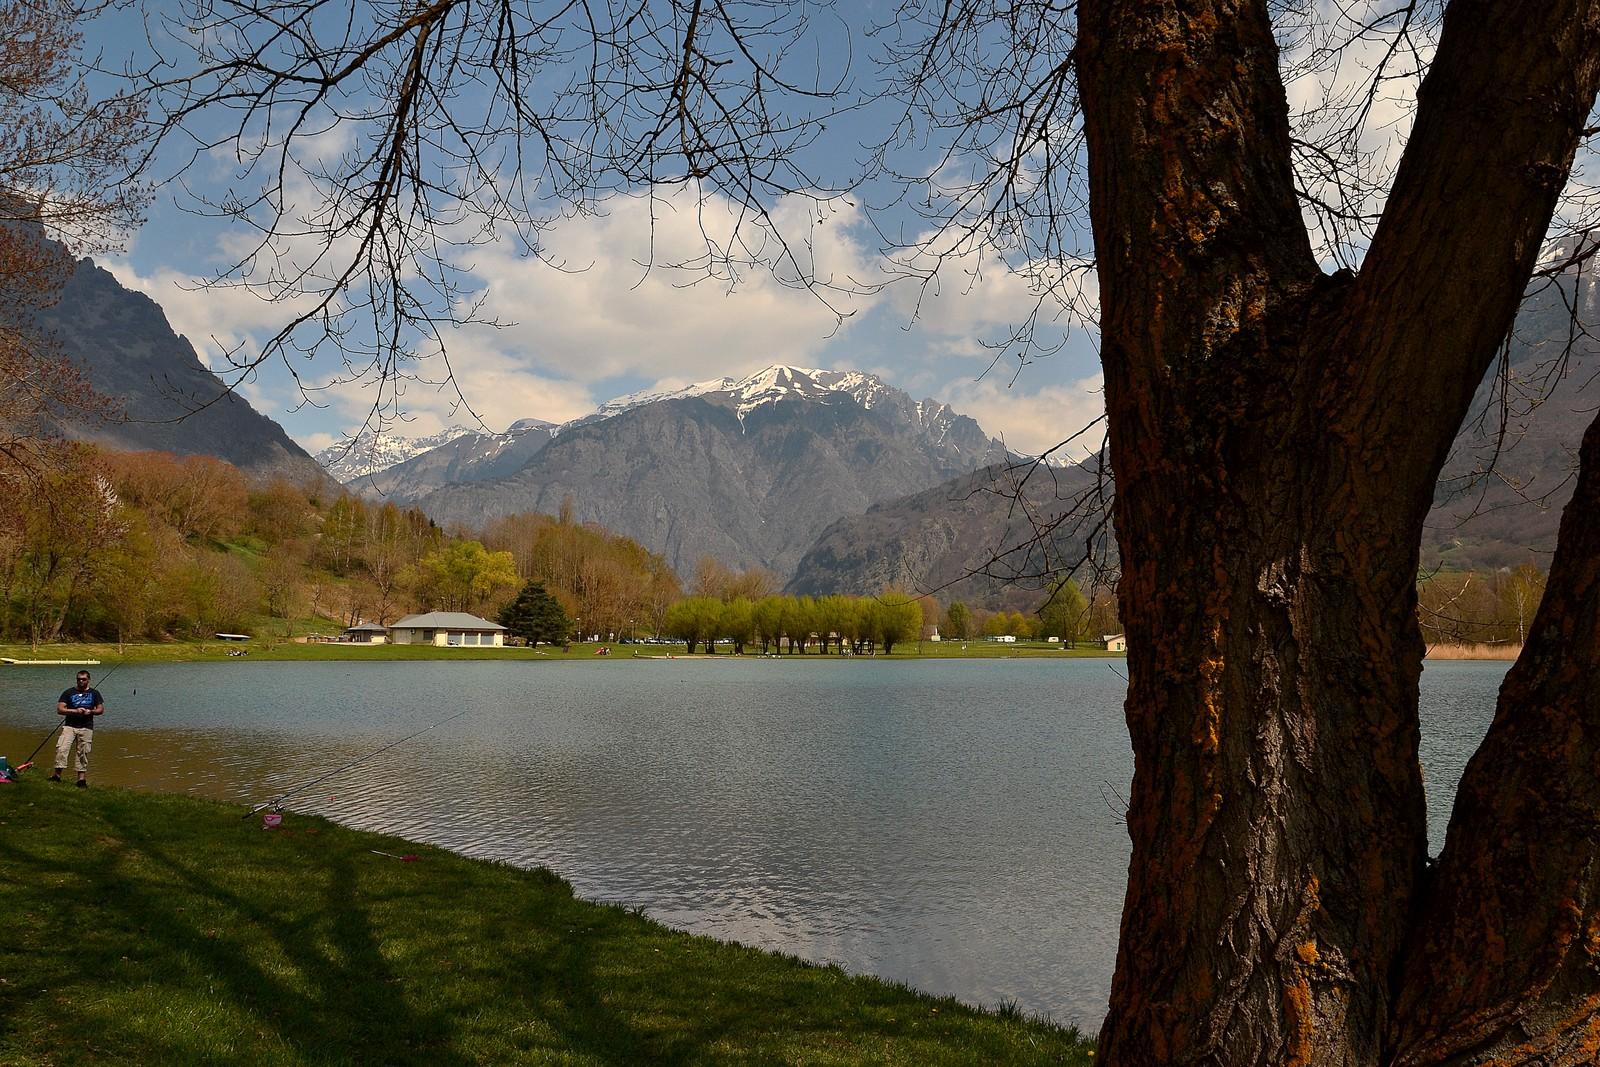 Favori 2014.04.13 Lac du Sautet, plan d'eau de Valbonnais (Isère - Rhône  RI18